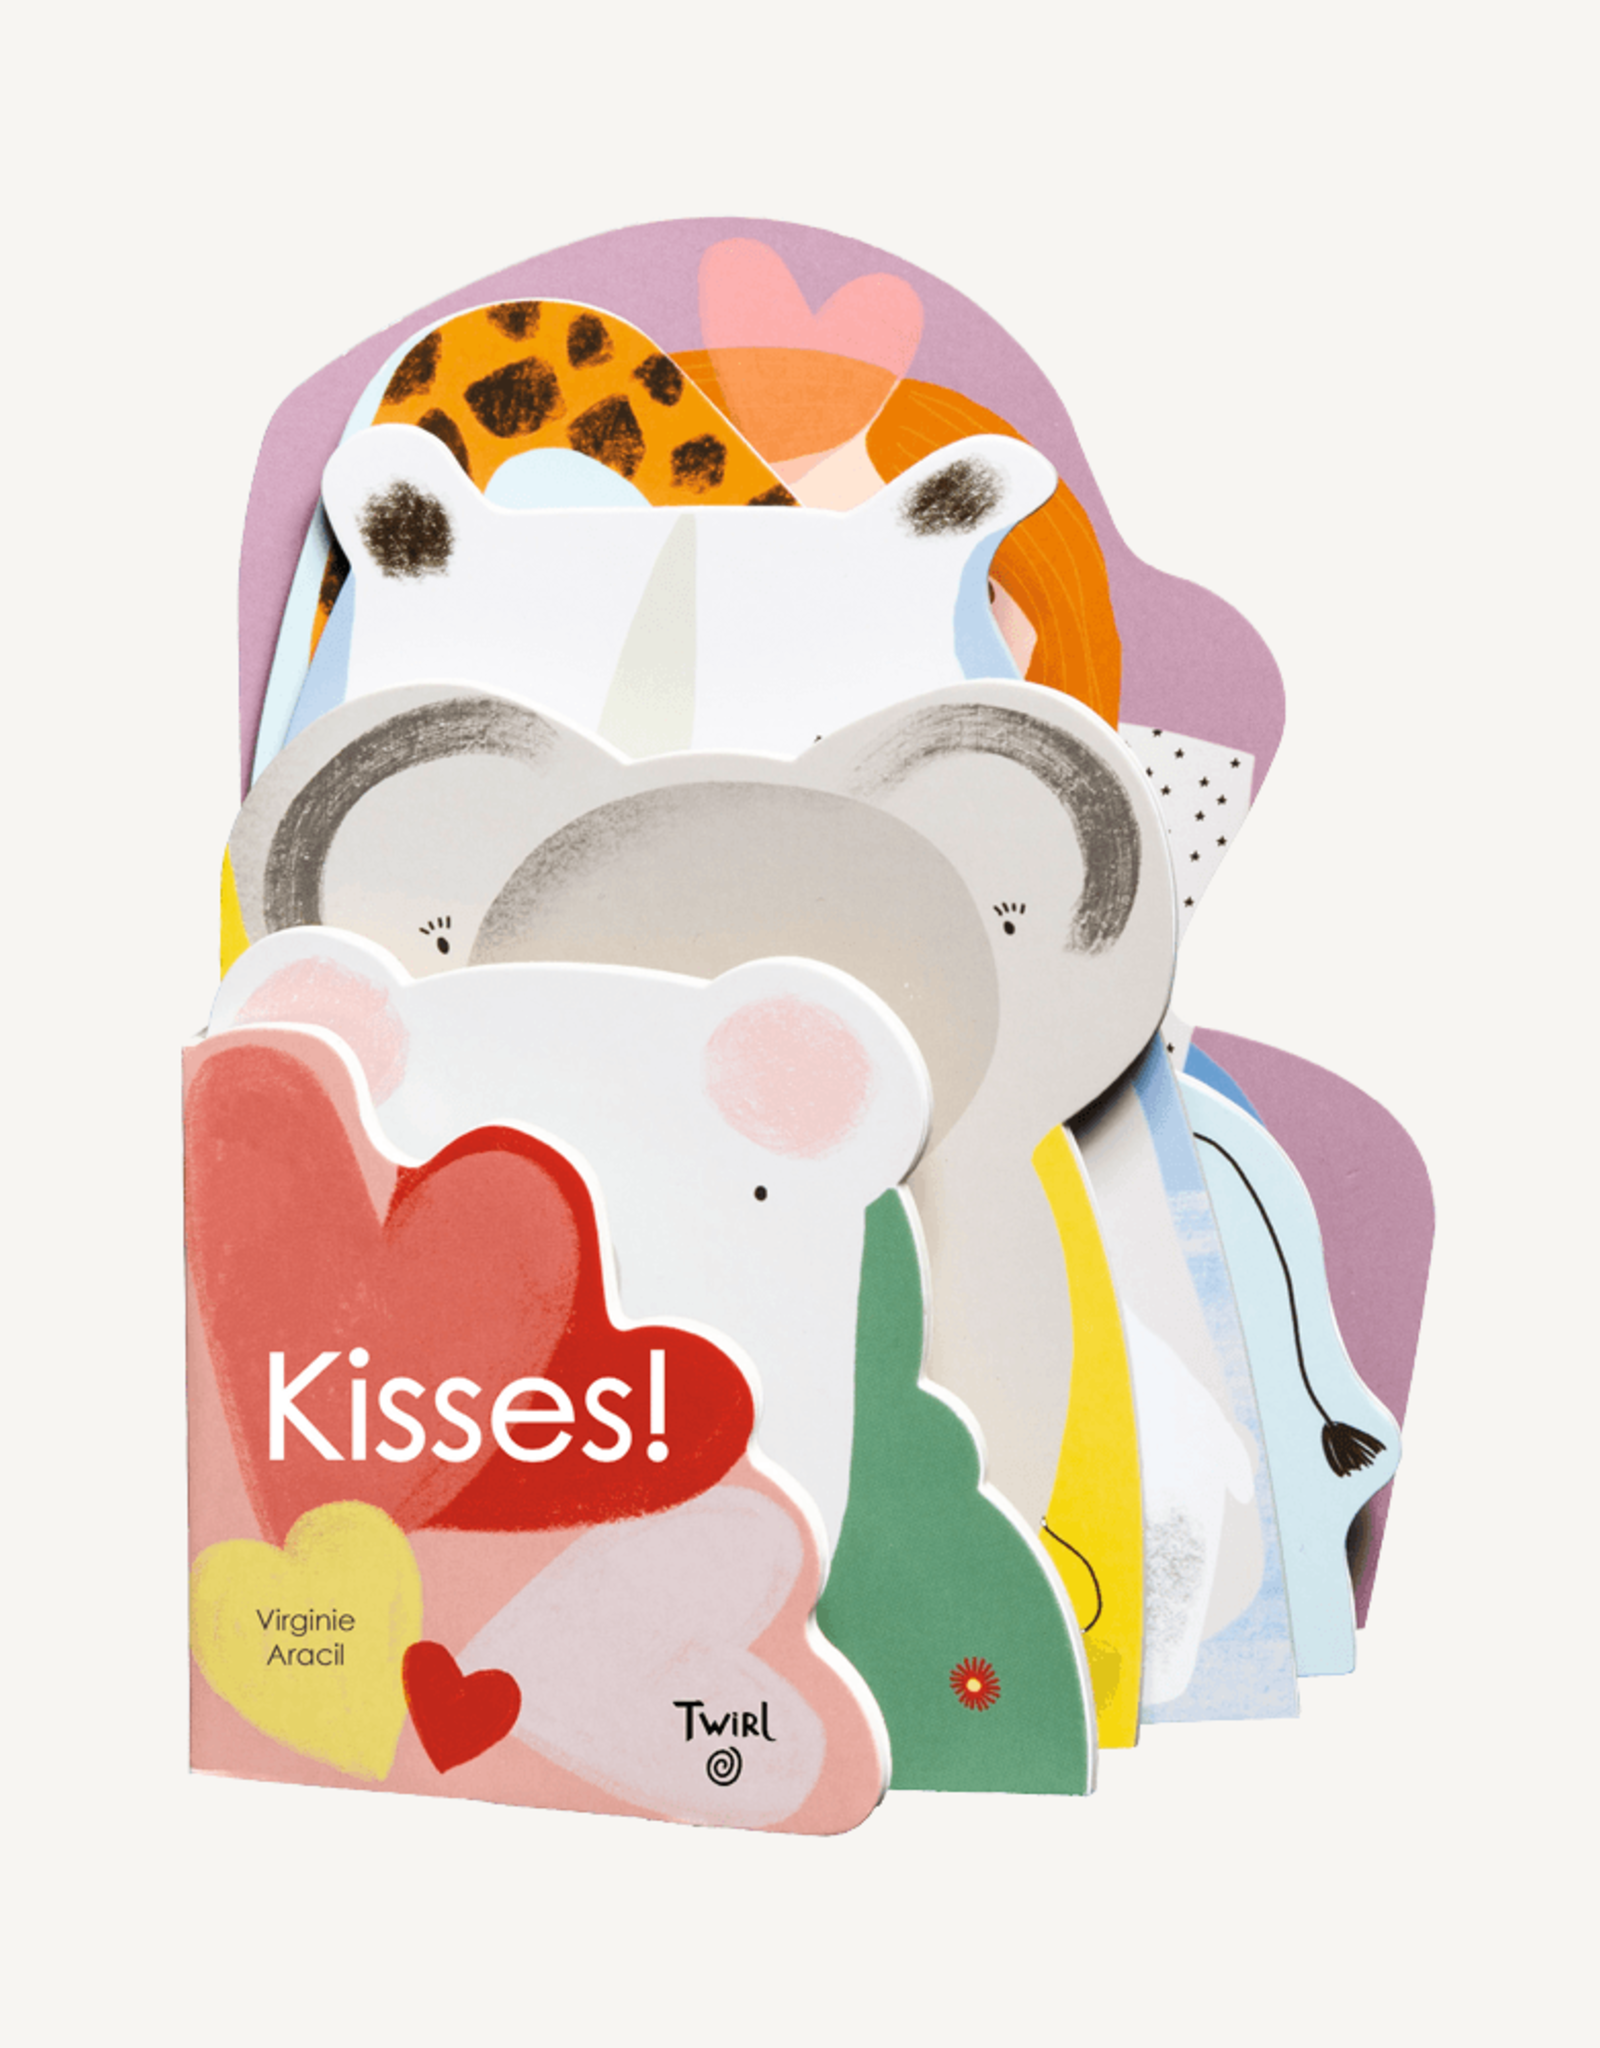 Kisses by Virginie Aracil